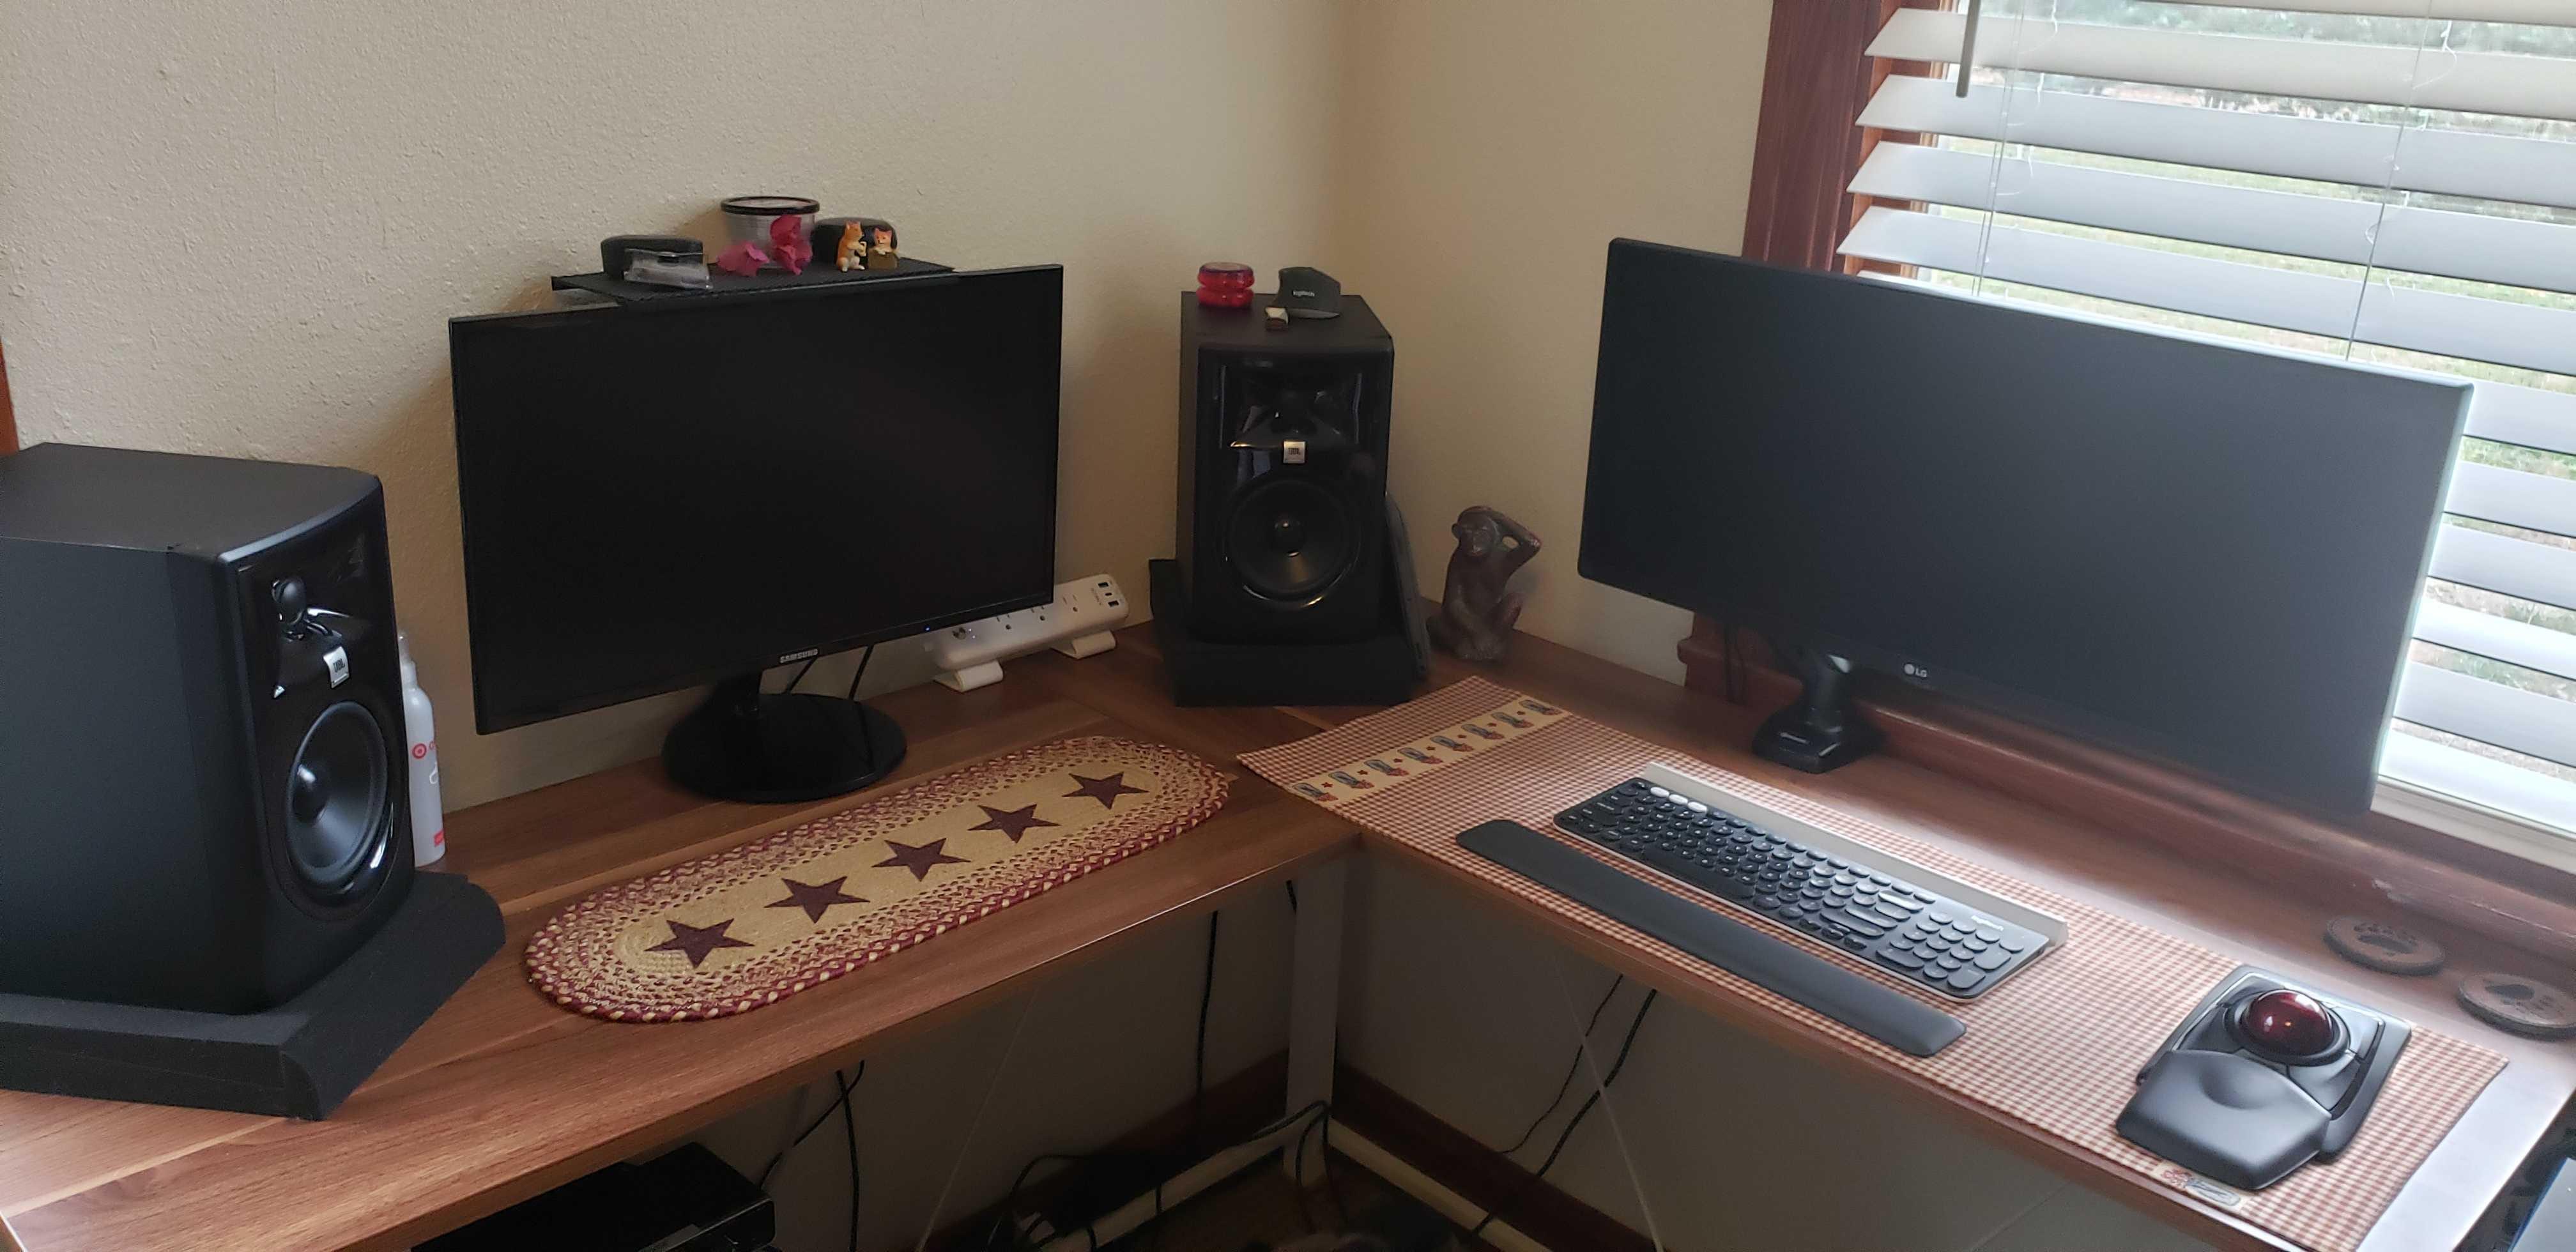 Andrew's office setup